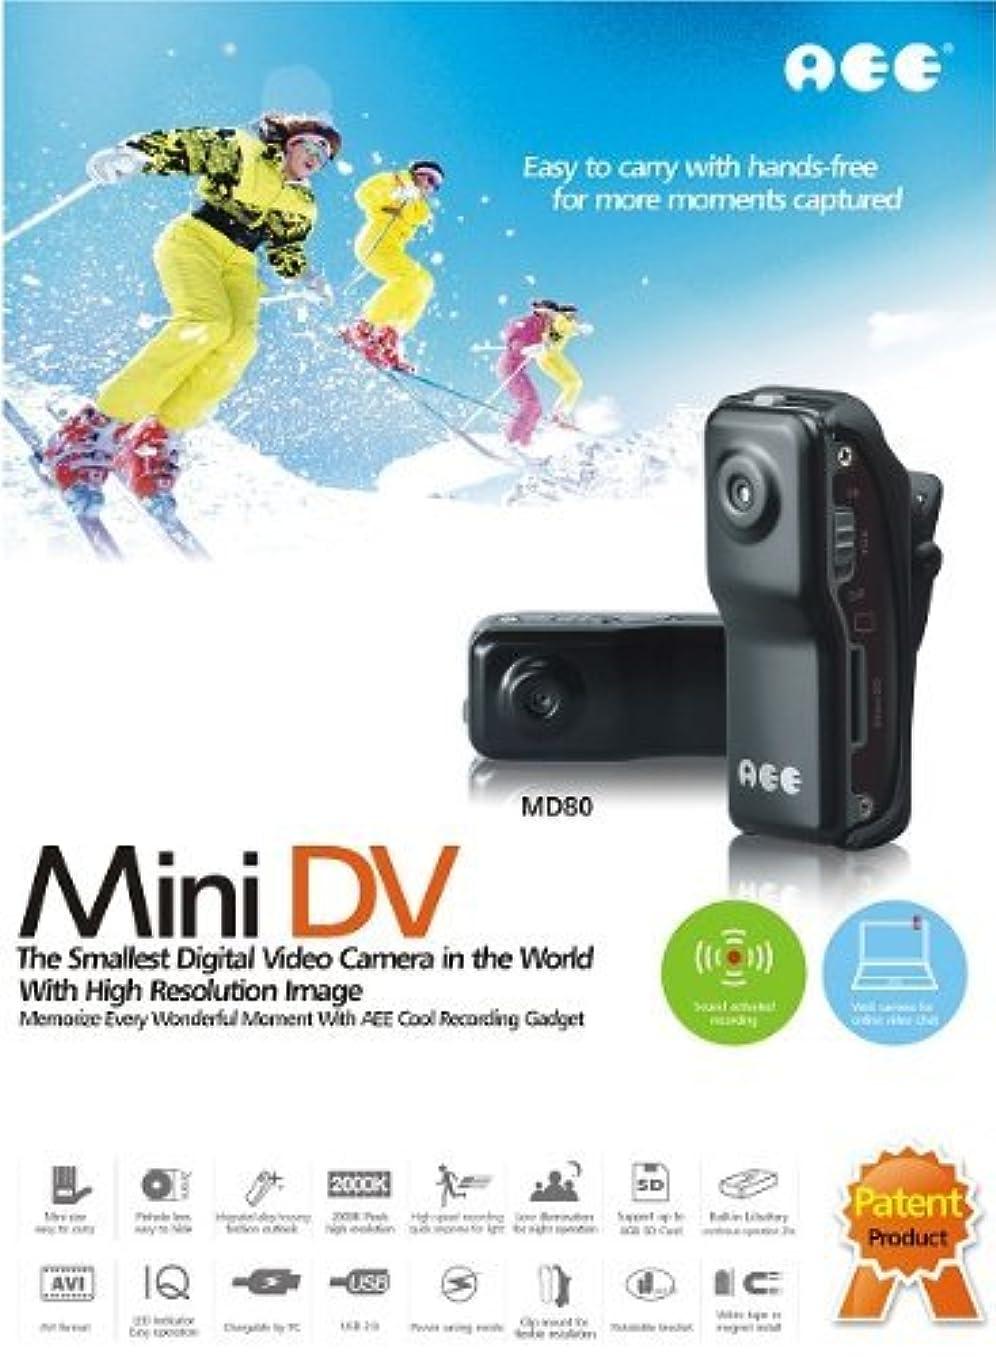 うなる領事館キリスト教世界最小クラス 超小型 ビデオカメラ miniDV ブラック アウトドア?ビジネス?スポーツシーンに!!